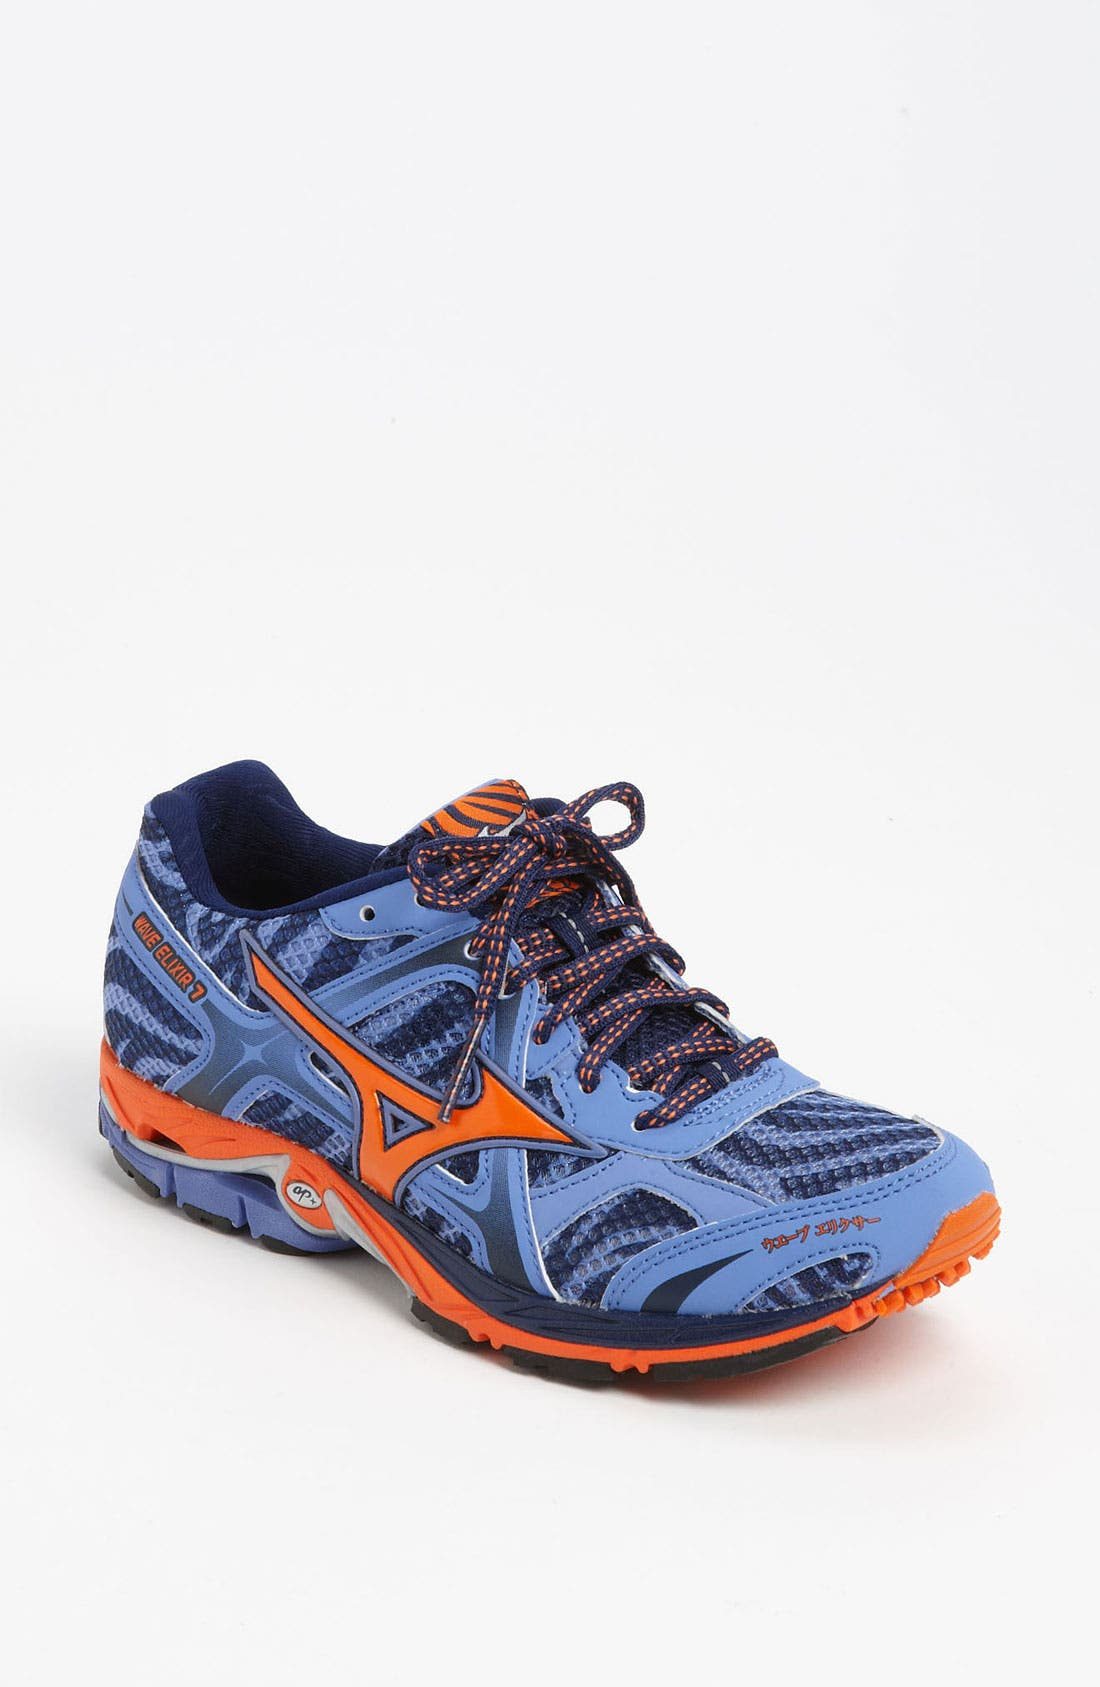 Main Image - Mizuno 'Wave Elixir 7' Running Shoe (Women) (Regular Retail Price: $119.95)